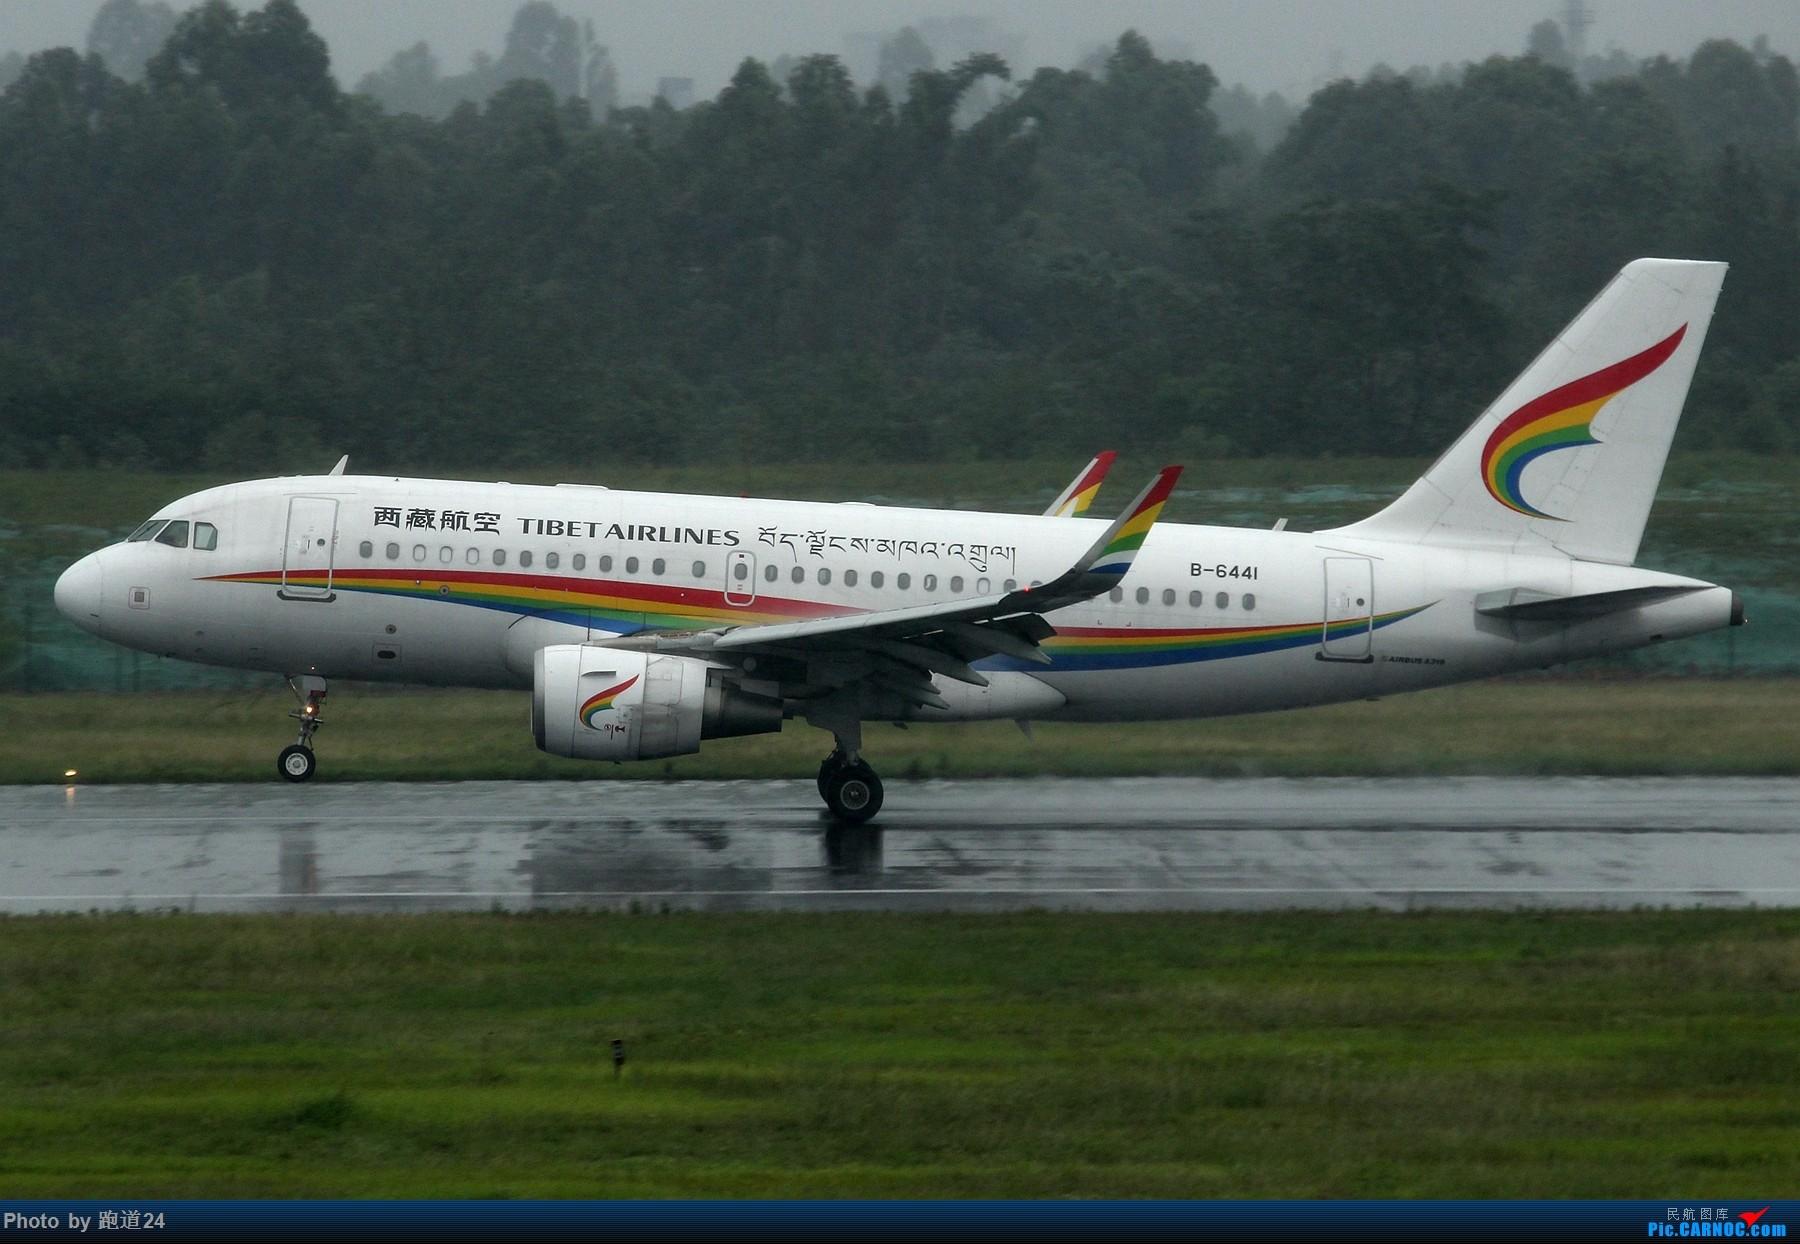 Re:[原创][多图党]雨天CTU拍机 1800*1200 AIRBUS A319-100 B-6441 中国成都双流国际机场